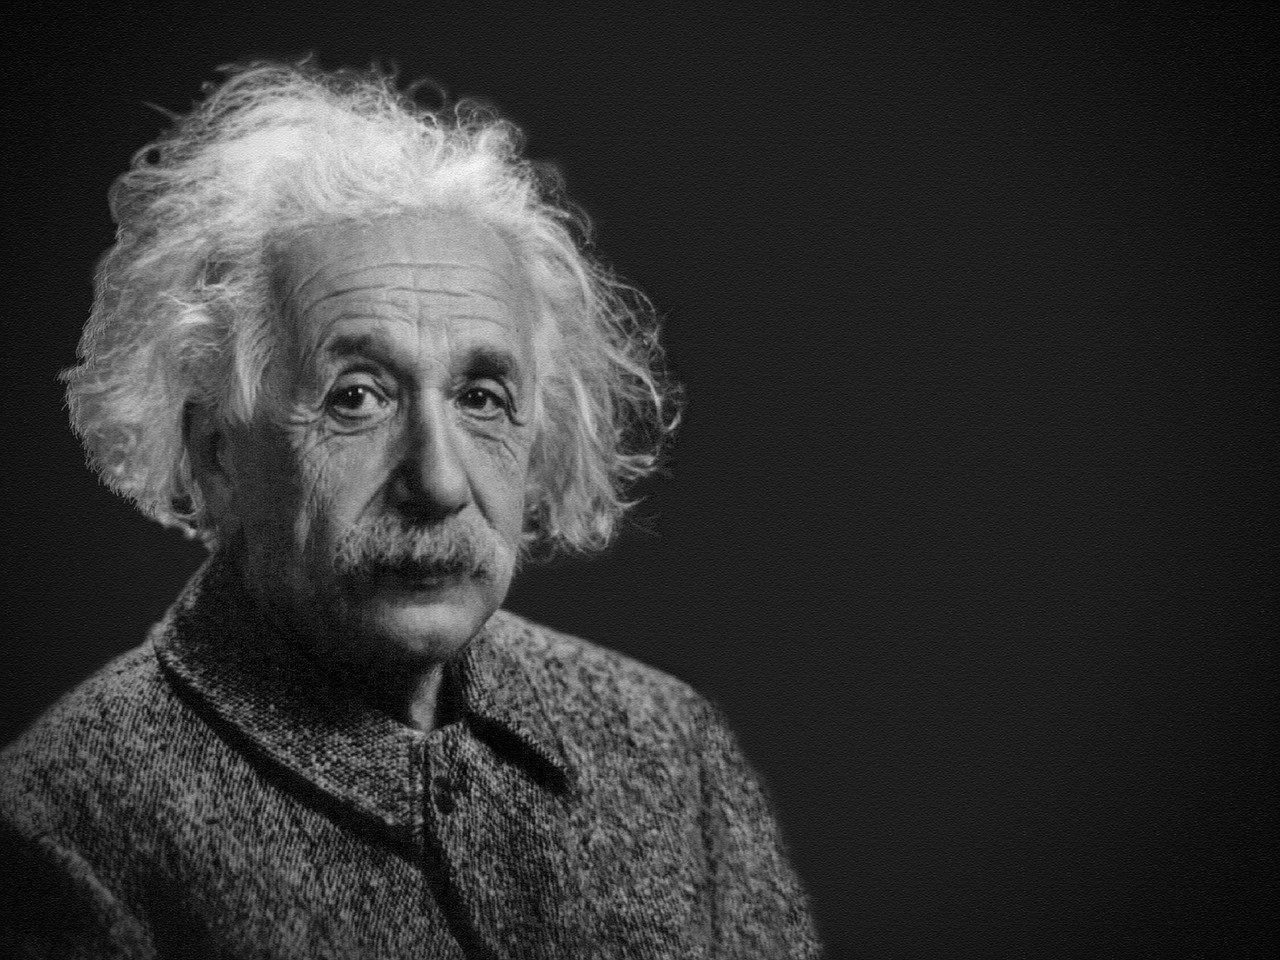 Provjerite svoju inteligenciju kroz tri pitanja